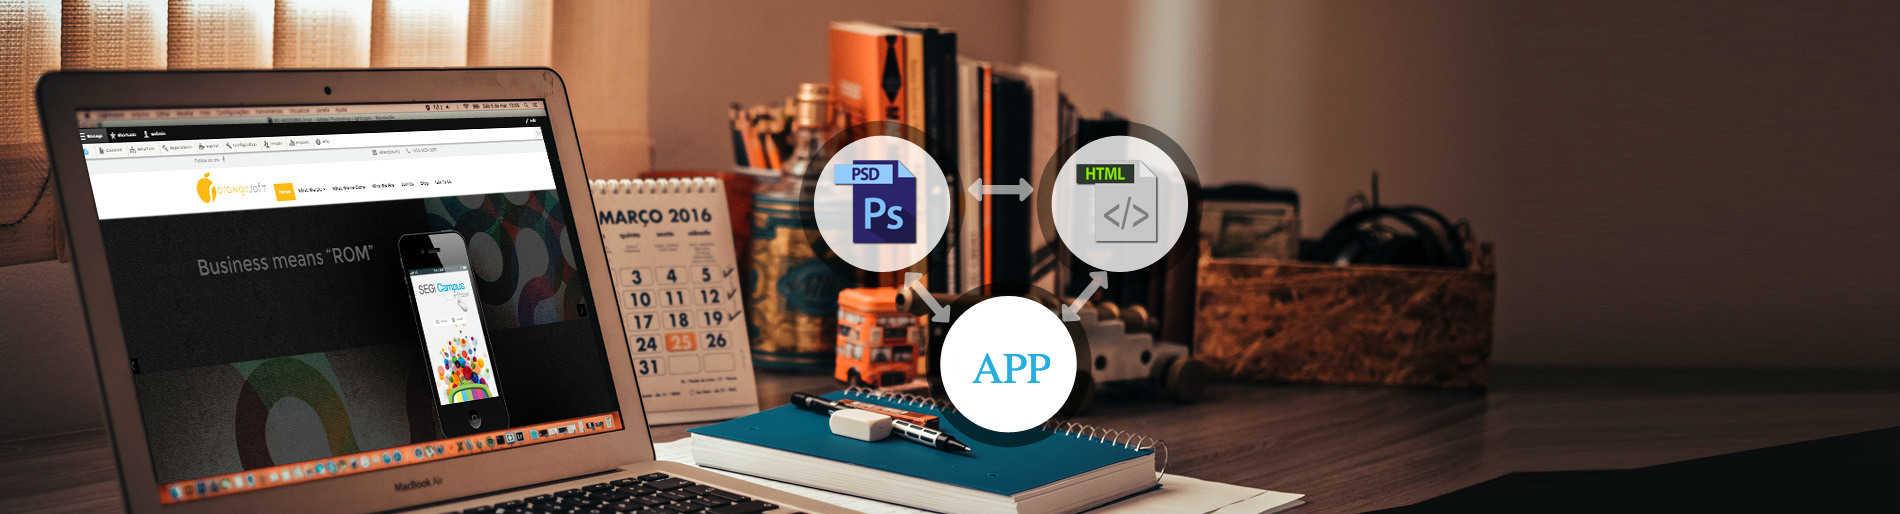 内横幅webdesign.jpg